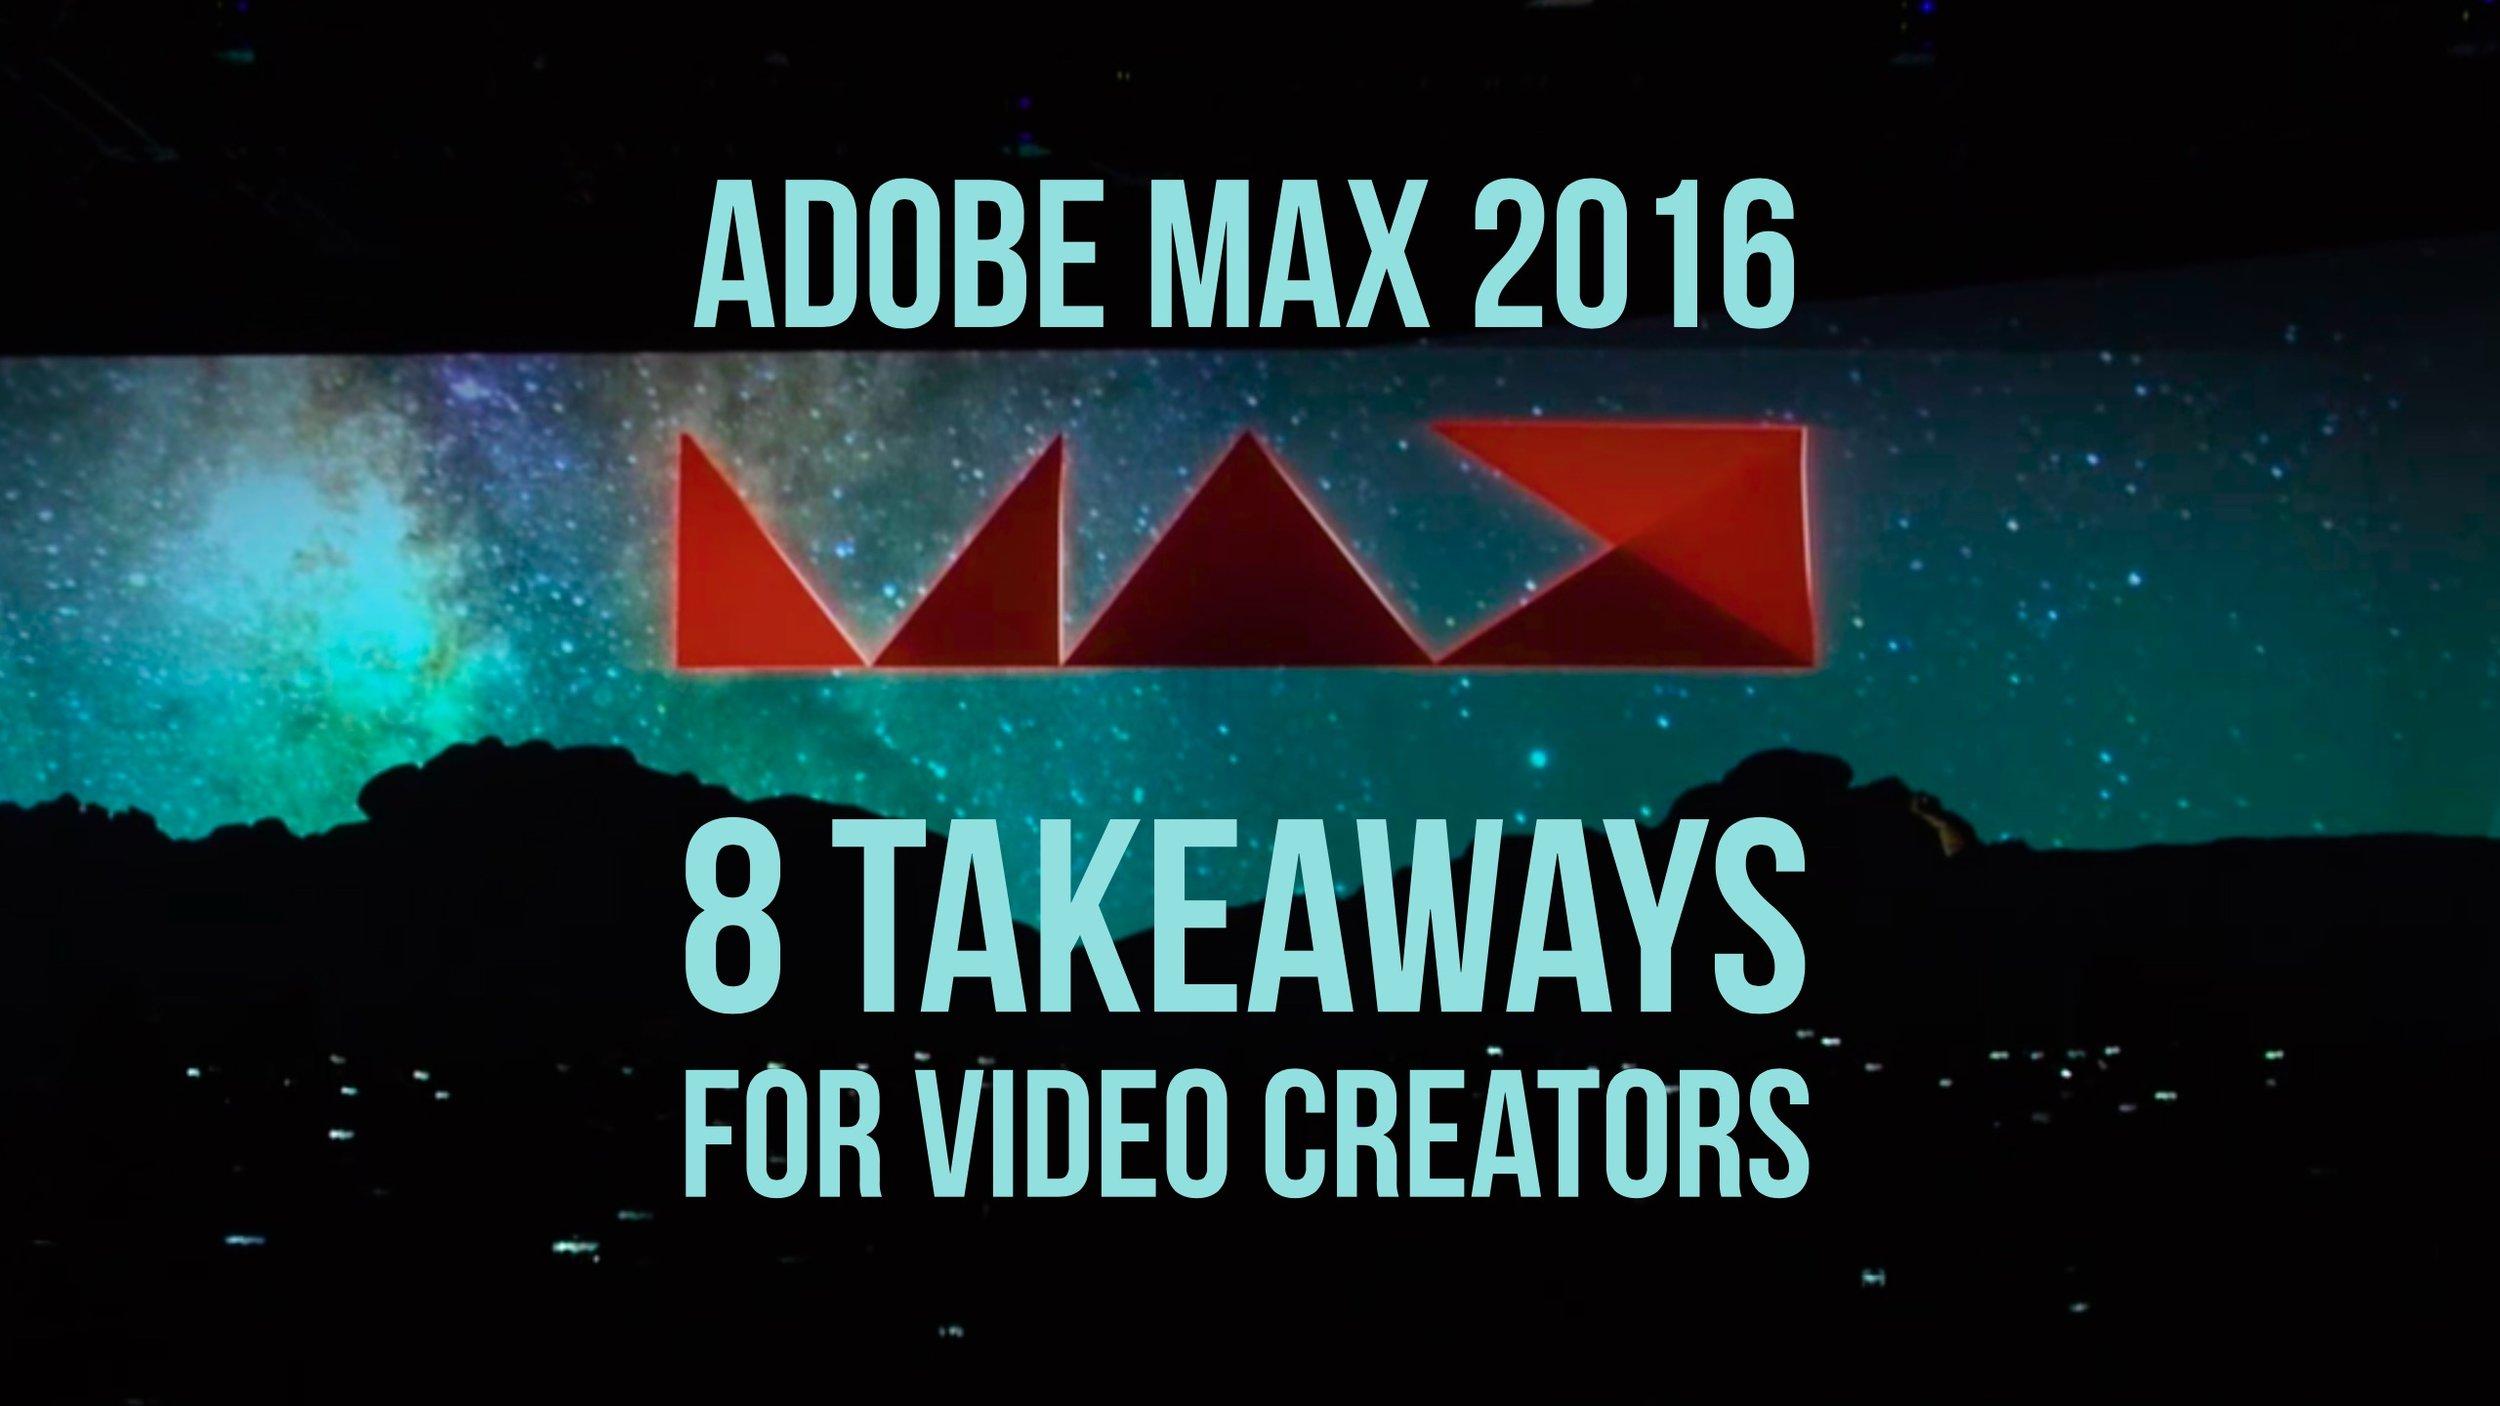 8-takeaways-adobe-max-2016-video-creators-blue